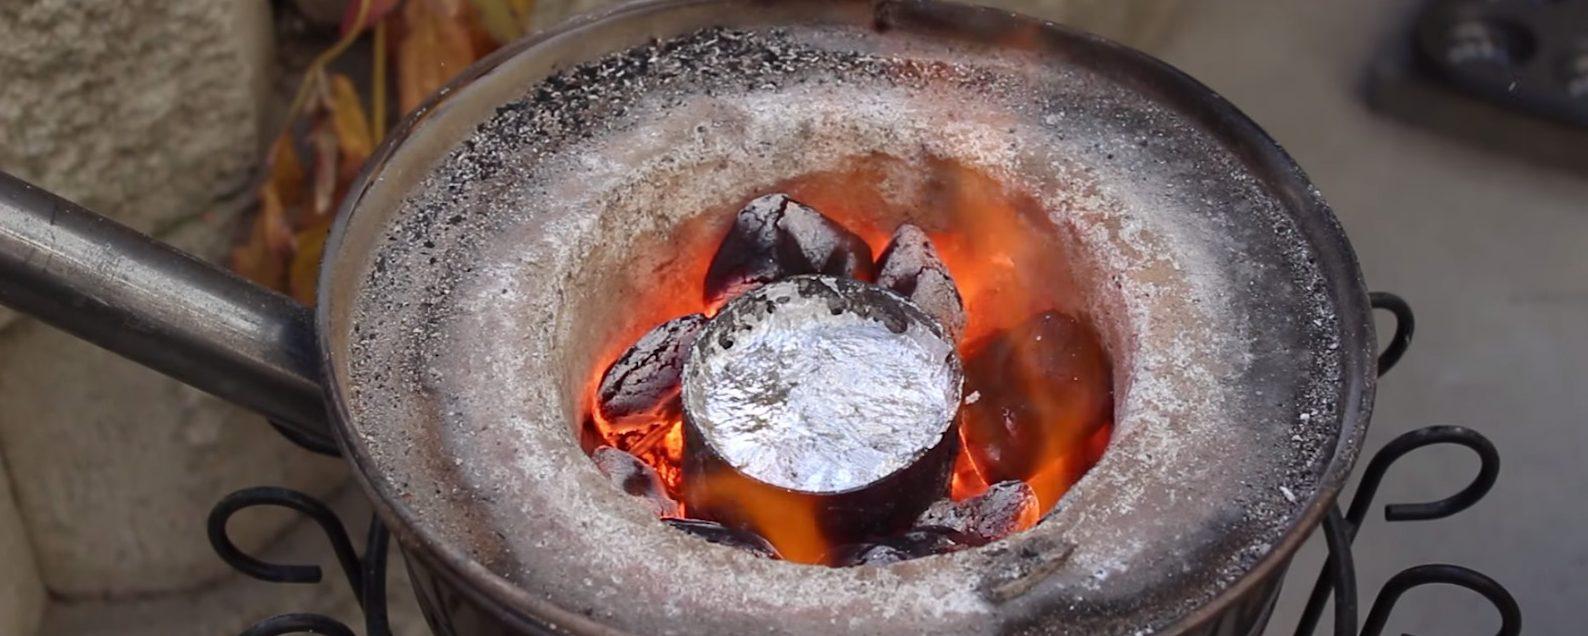 Печи для плавки цветного металла своими руками 46